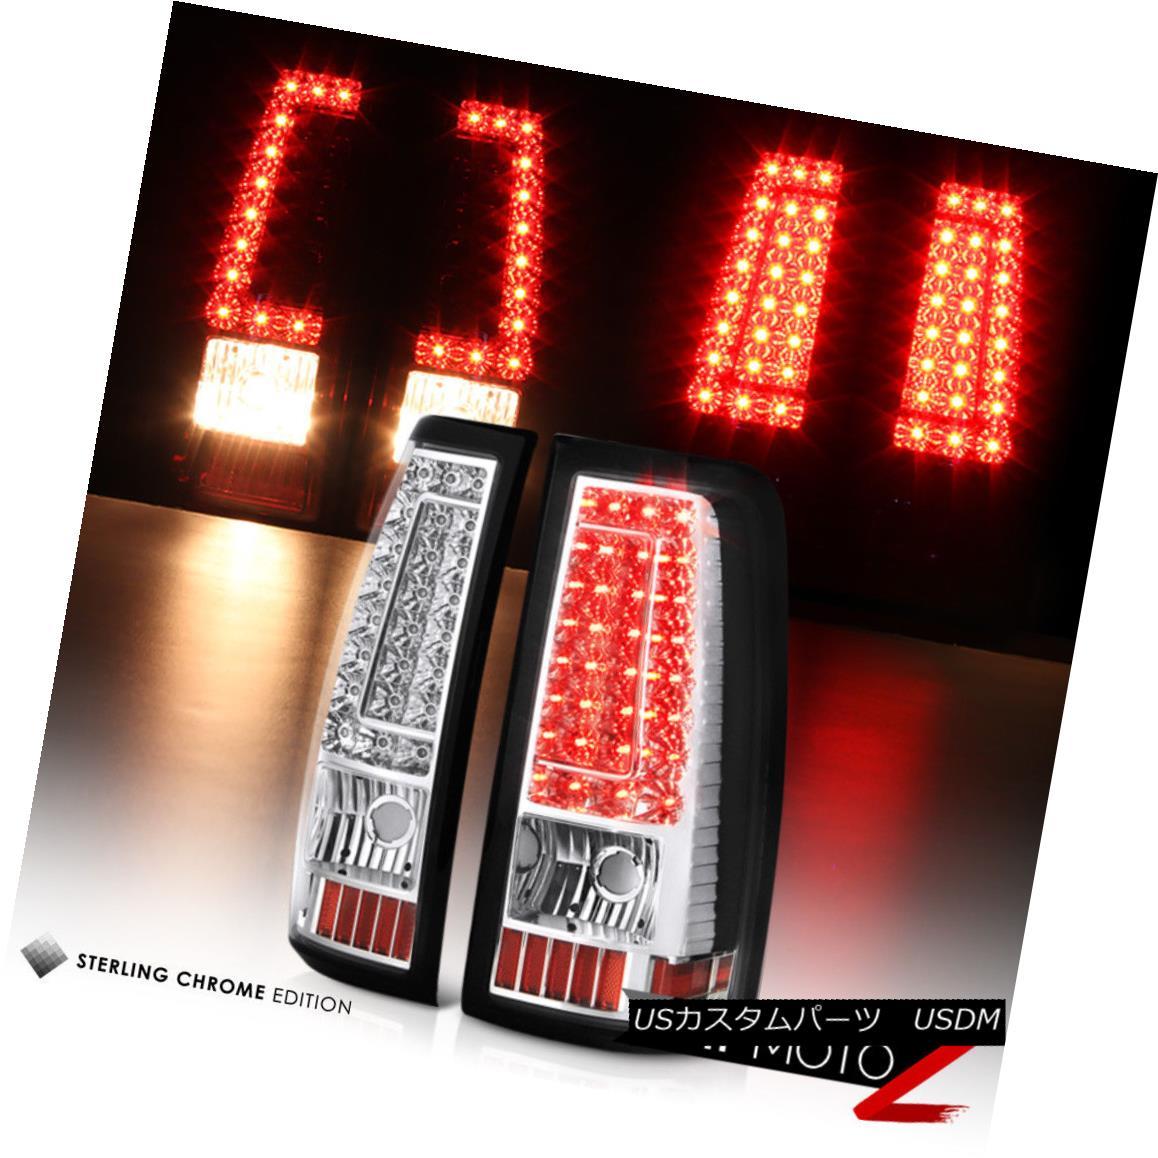 テールライト [SHINY CHROME] 1999-2002 Chevy Silverado 1500 2500 [SHINY 3500 Tail Silverado LED Tail Lights Lamp Set [SHINY CHROME] 1999-2002 Chevy Silverado 1500 2500 3500 LEDテールライトランプセット, 吉敷郡:03c207a9 --- officewill.xsrv.jp